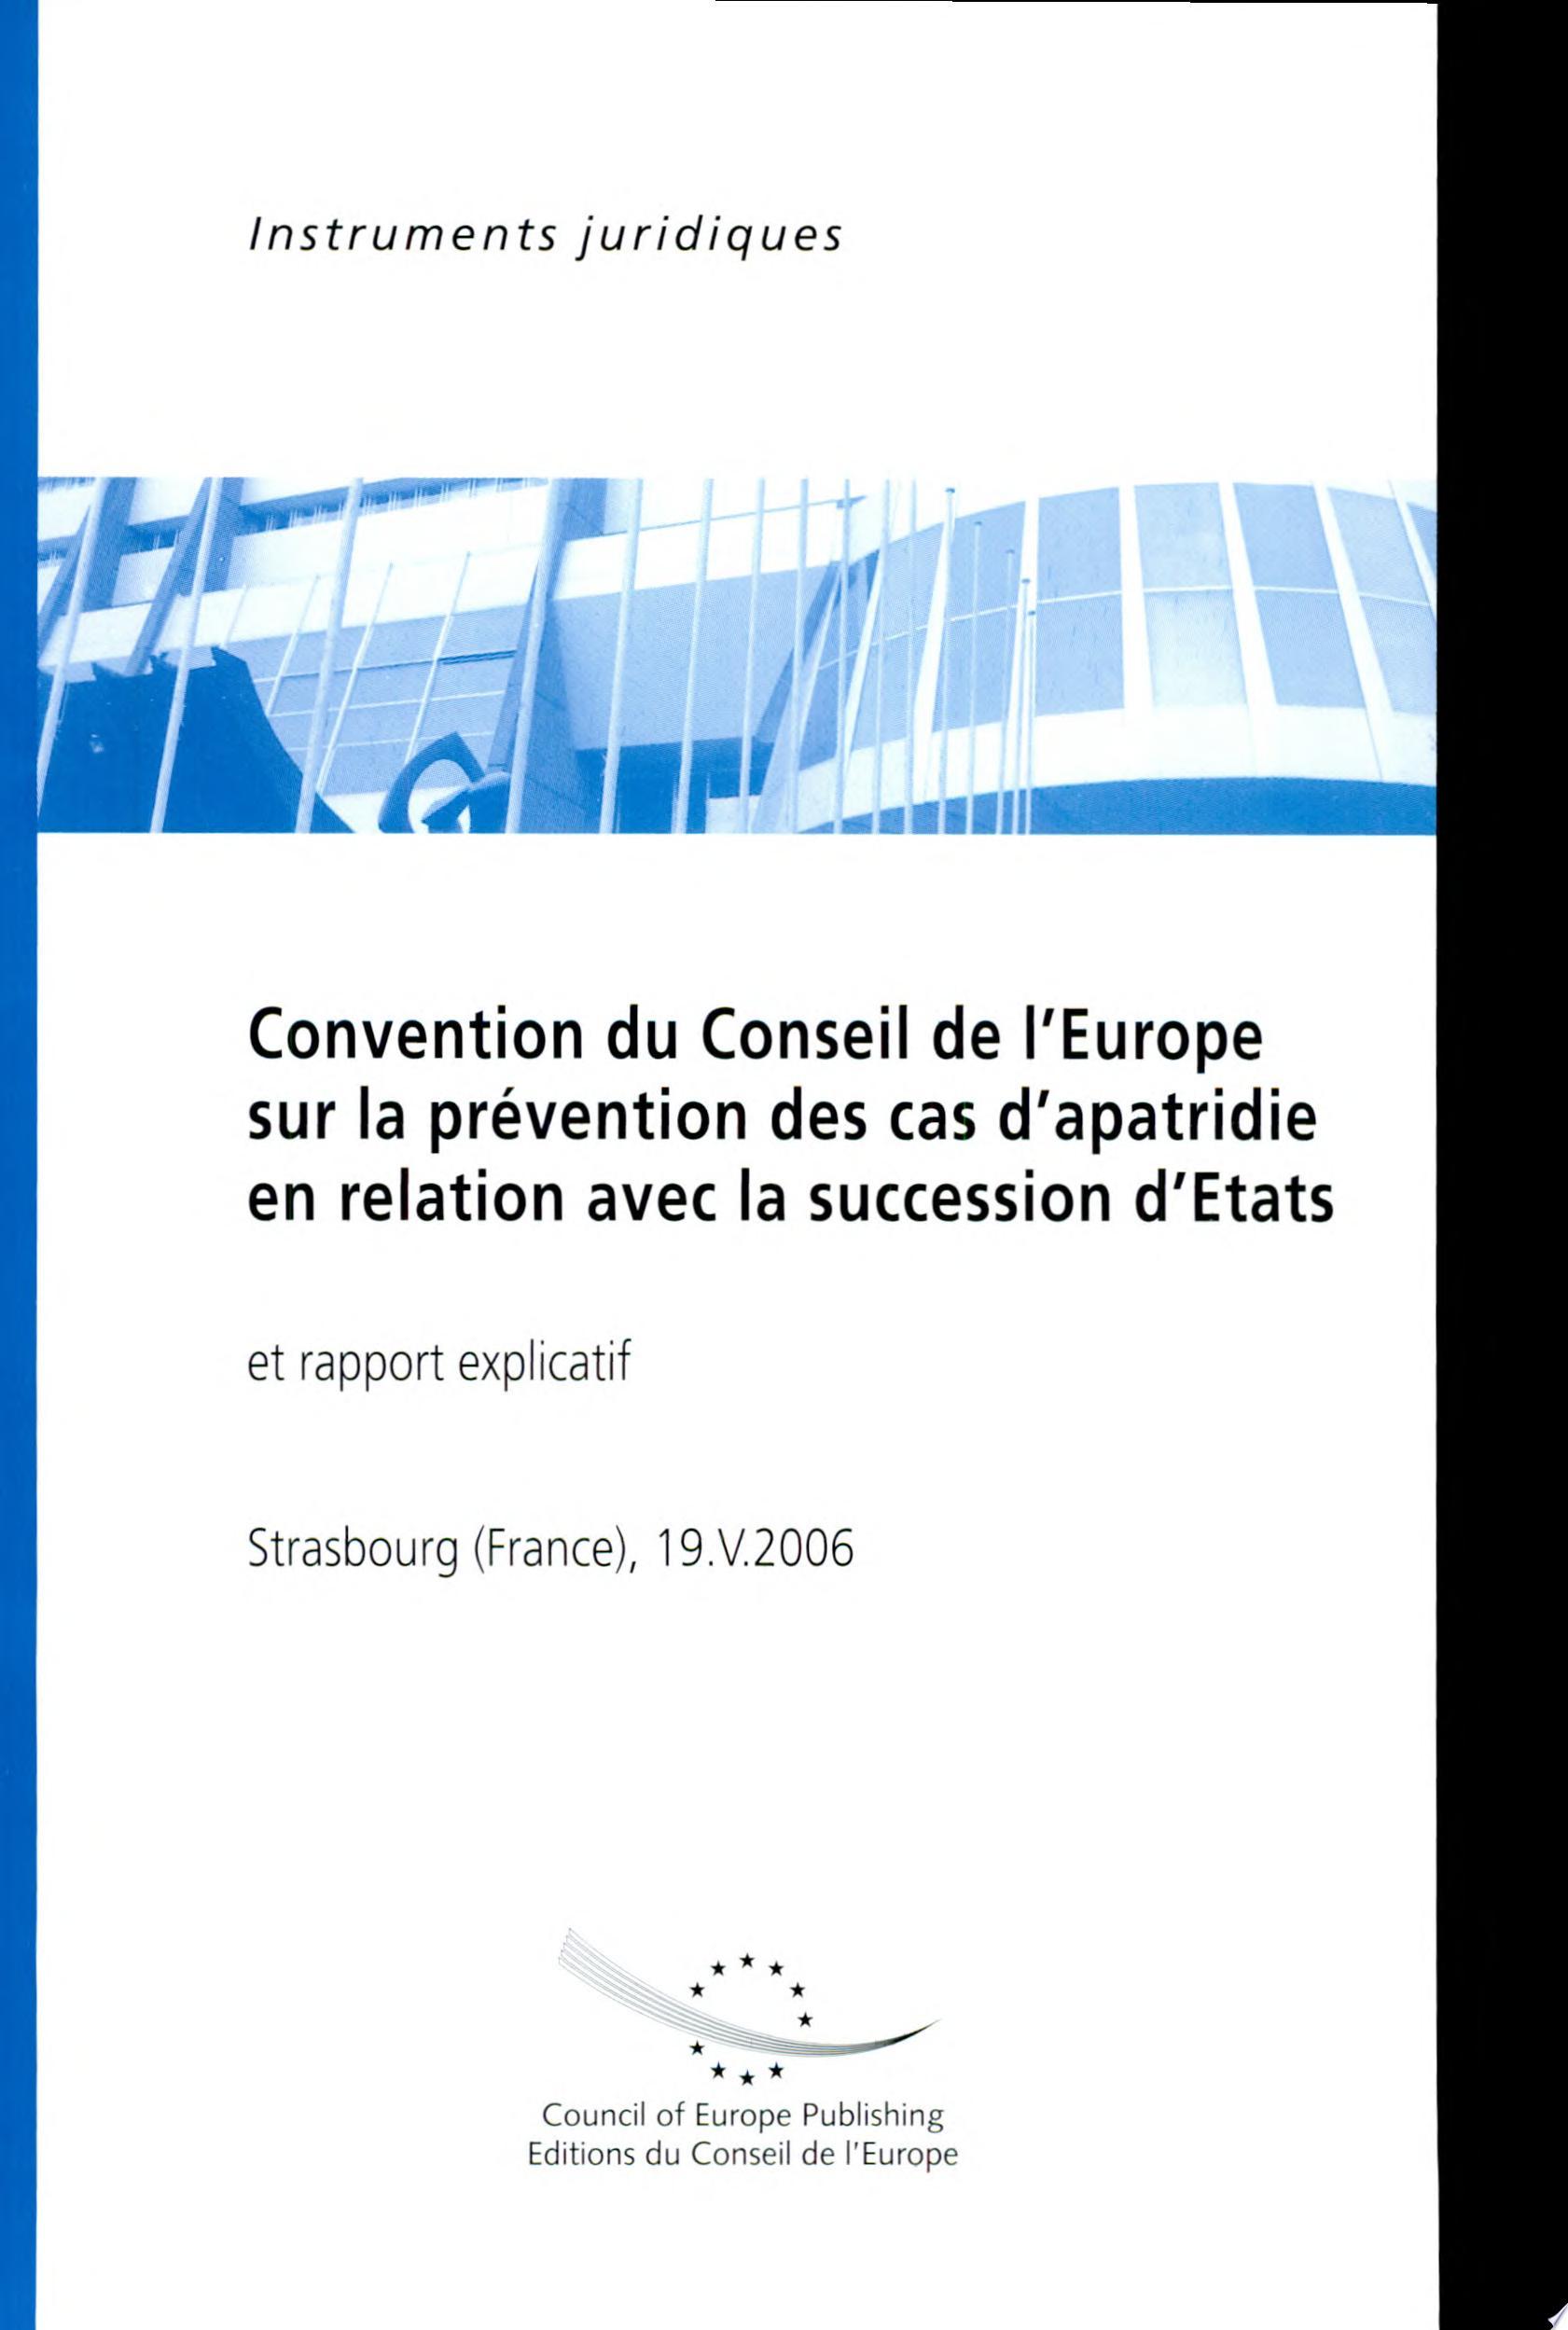 Convention Du Conseil De L europe Sur La Prevention Des Cas D apartidie En Relation Avec La Succession D etats Et Rapport Explicatif  19 Mai 2006  Stce